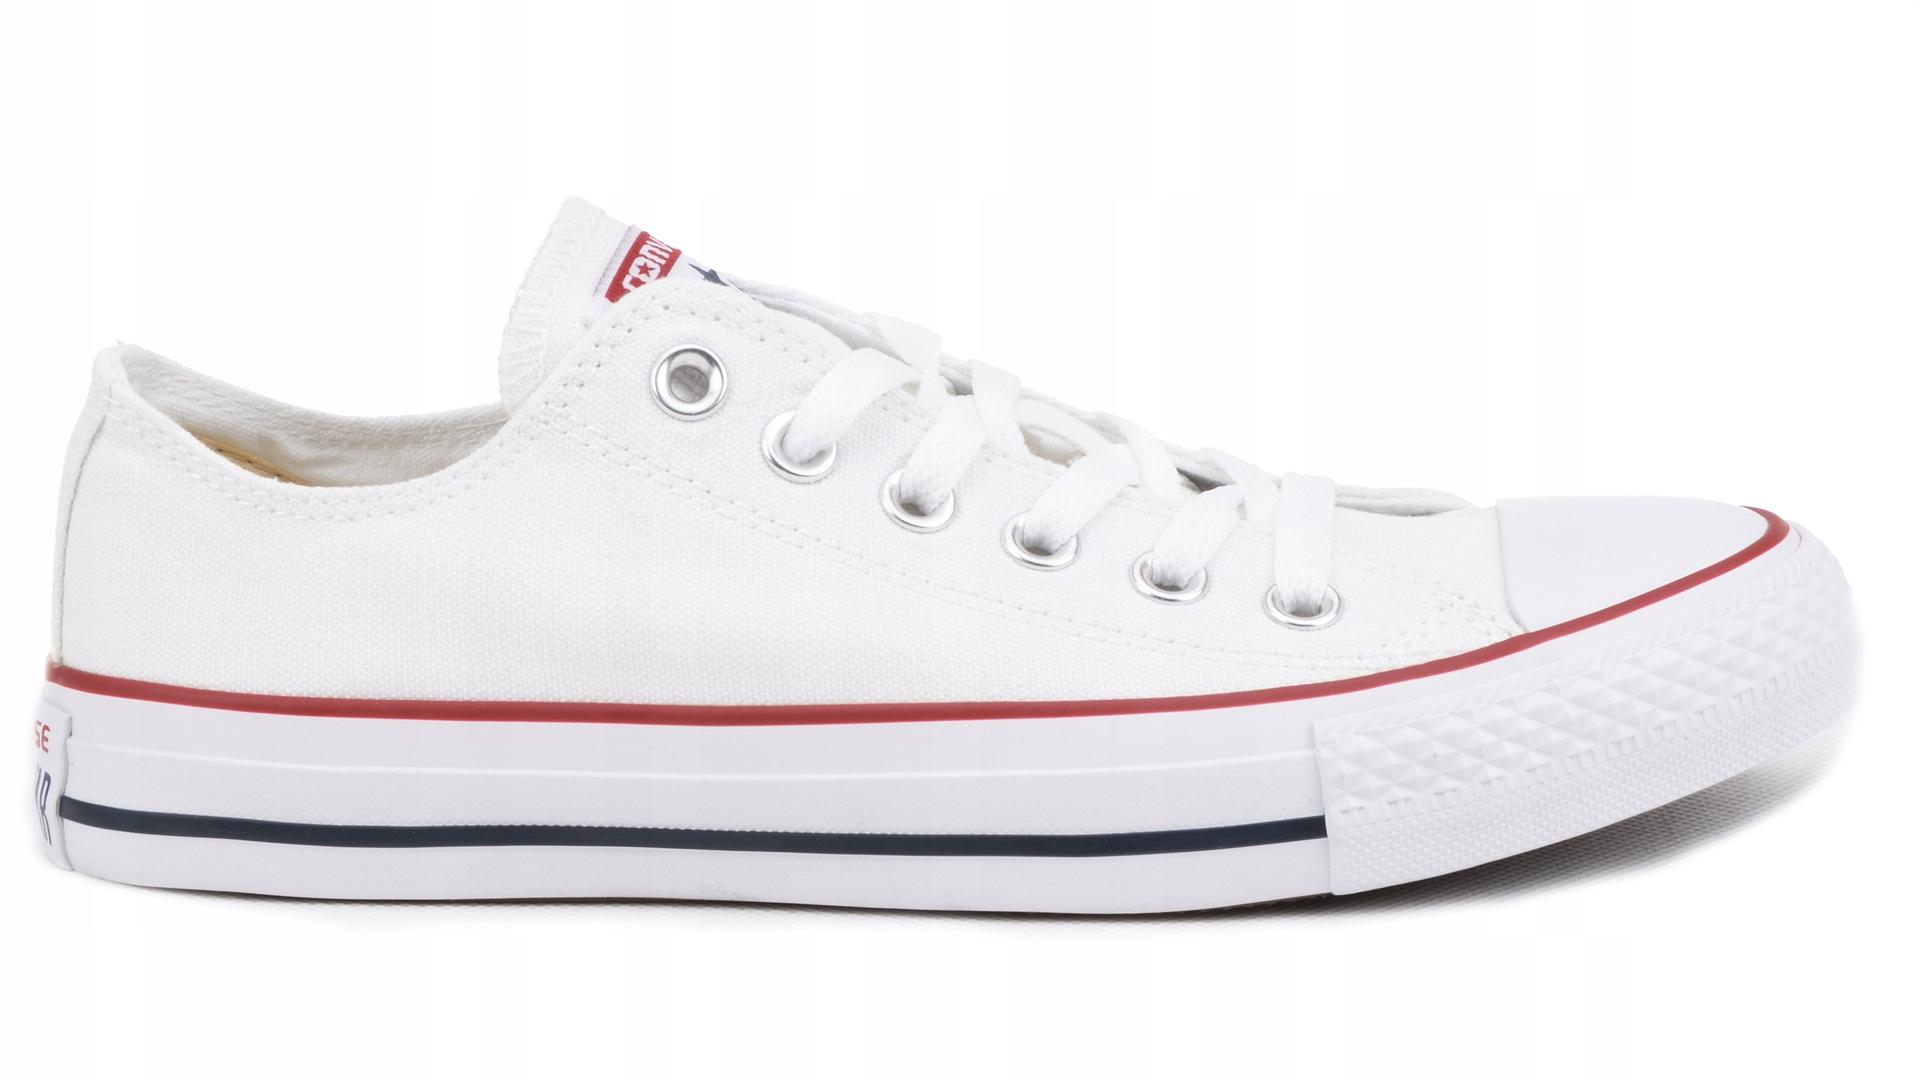 856a14a16c6f5 Converse All Star M7652 białe rozmiar 39 6970434621 - Allegro.pl